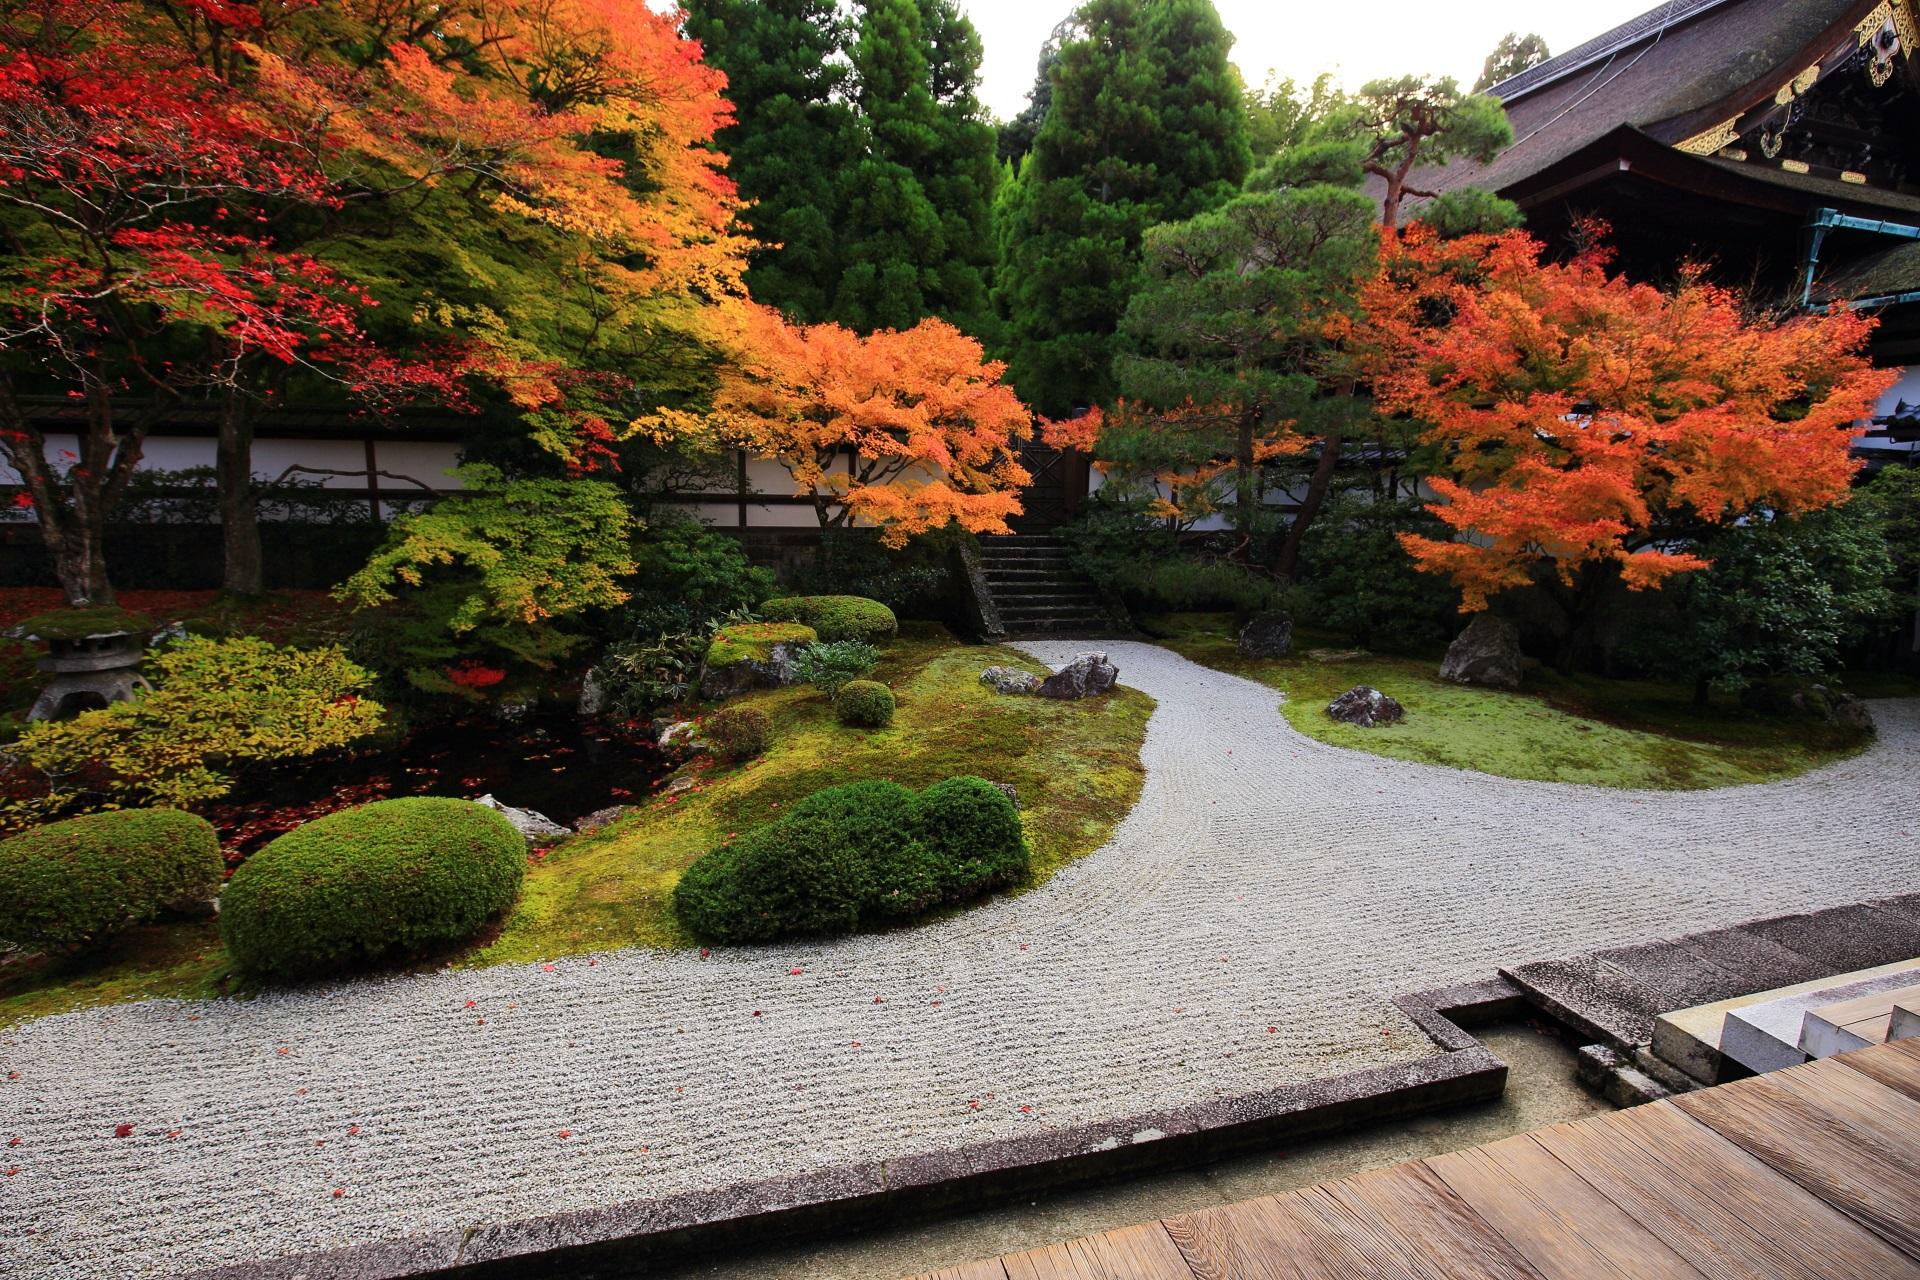 泉涌寺の枯山水庭園と池泉式庭園の融合したような庭園の秋の彩り